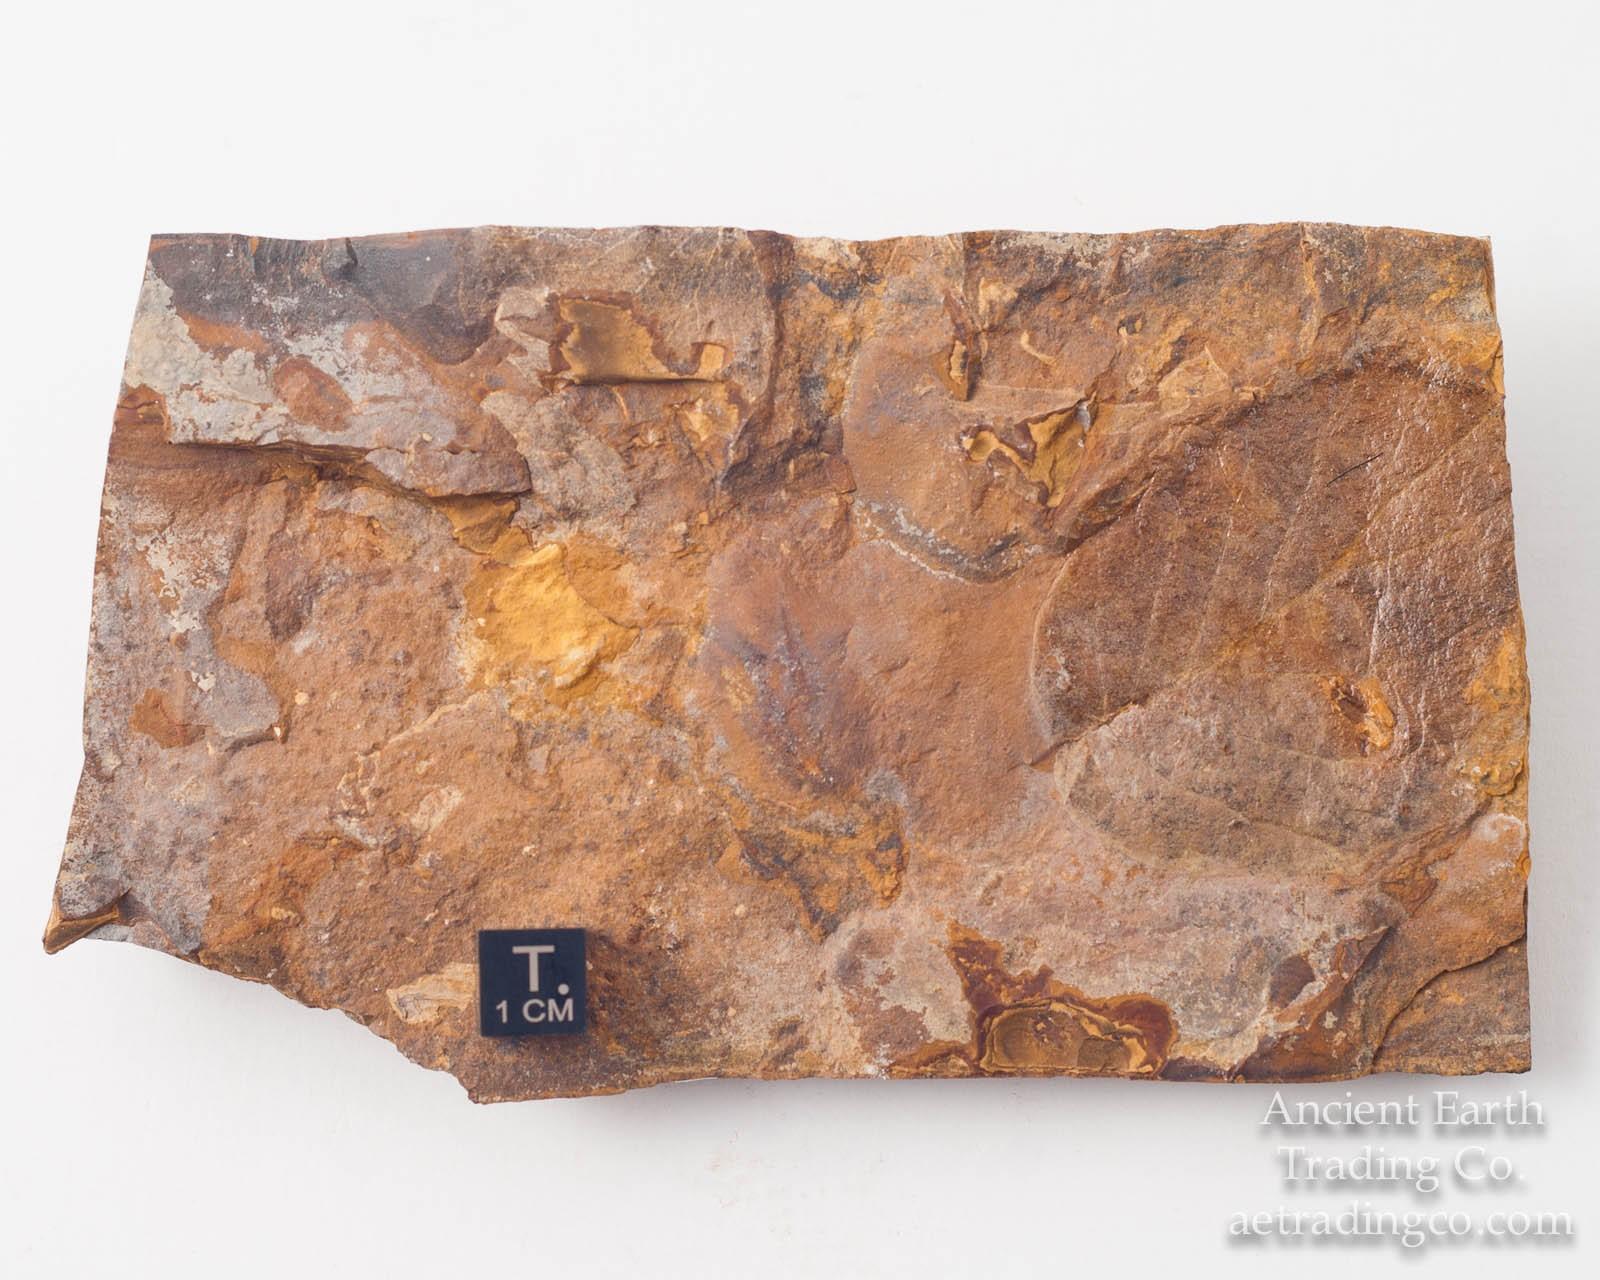 Viburnum antiquum Leaf Paleocene Fossil from Almont, ND